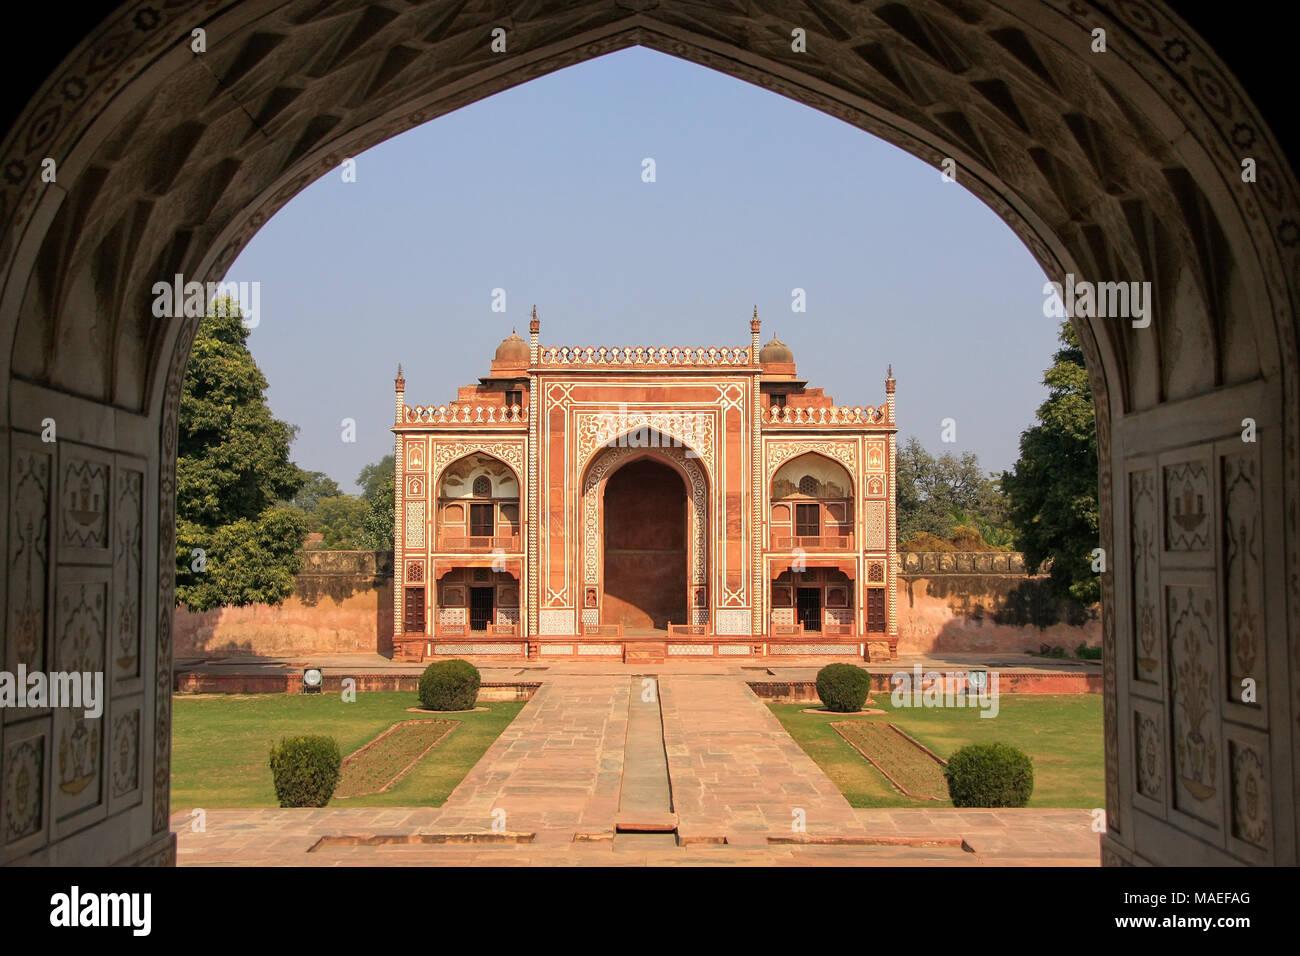 Puerta de entrada visto desde el interior de Itimad-ud-Daulah mausoleo en Agra, Uttar Pradesh, India. Esta tumba es a menudo considerado como un proyecto del Taj Mahal. Foto de stock